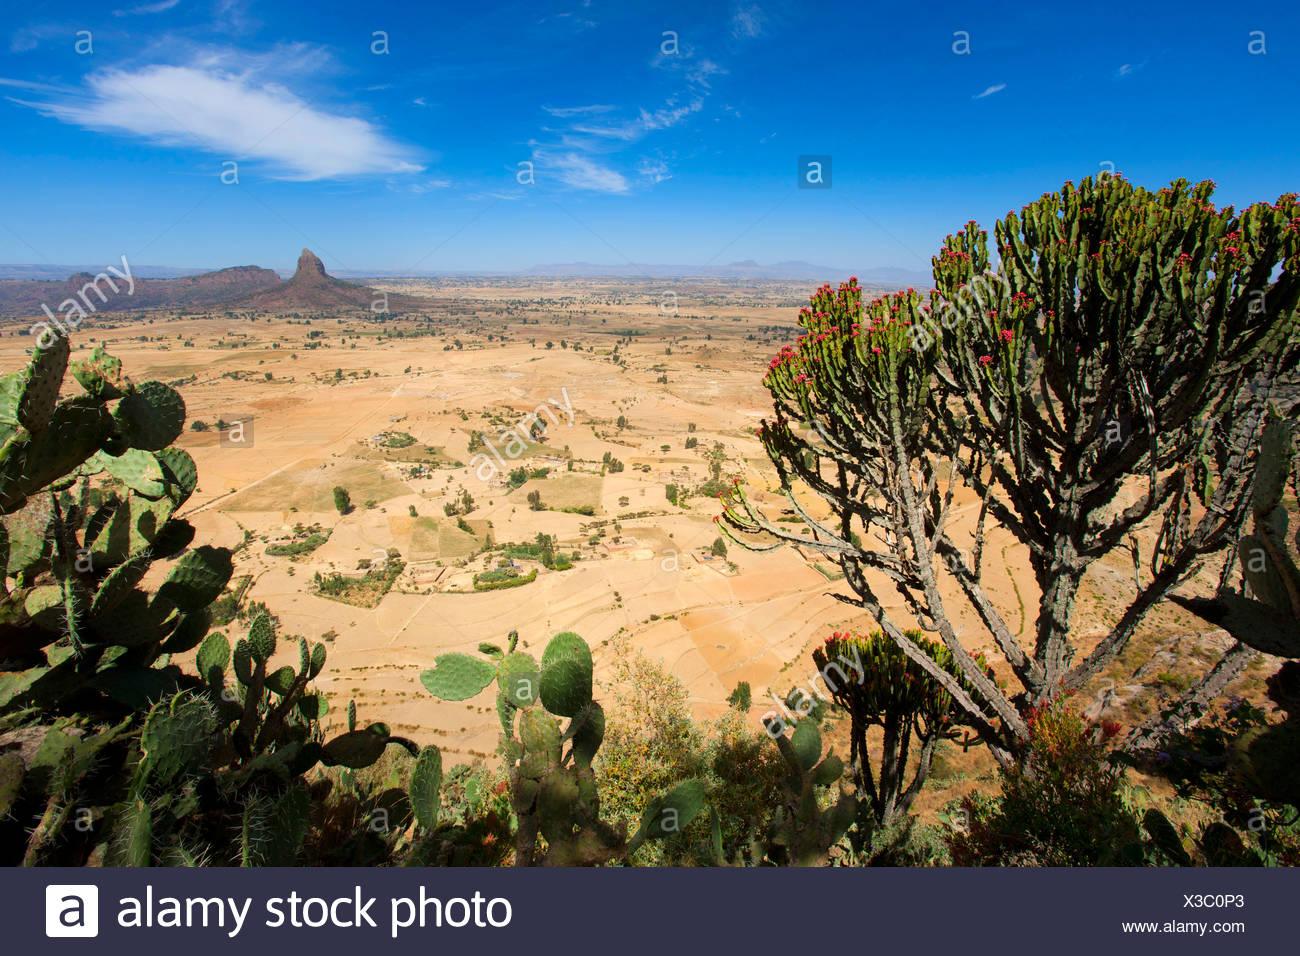 Gerealta, Afrika, Äthiopien, Highland, Anzeigen zeigen, Kakteen Stockbild